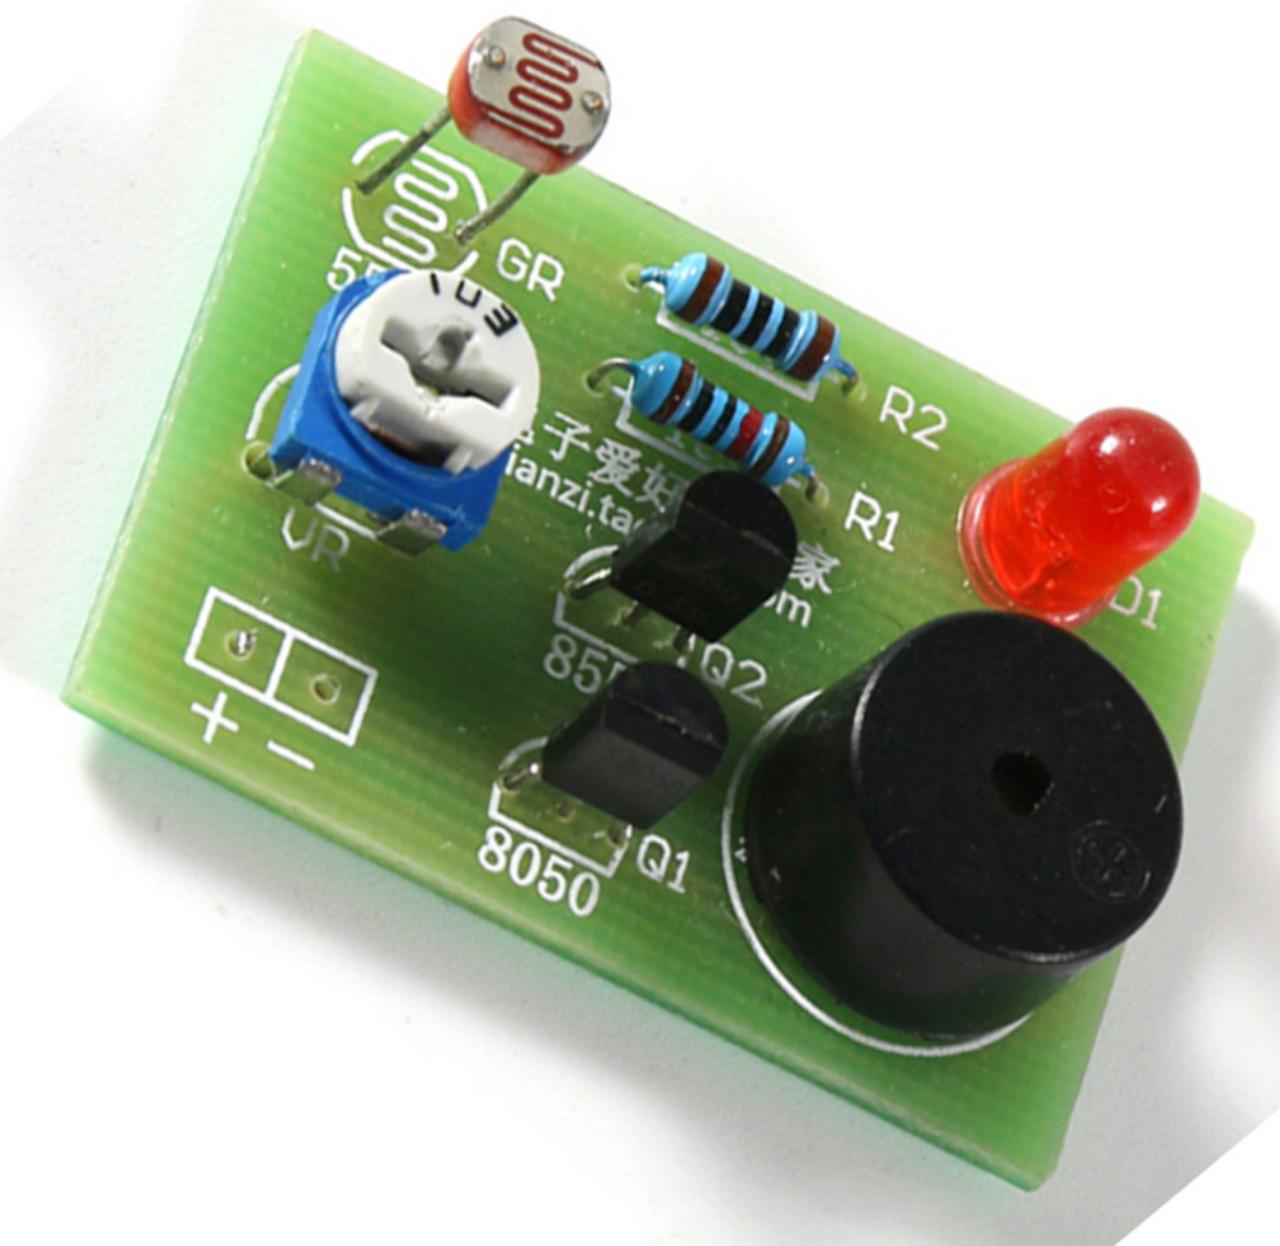 Світлочутливий звуковий датчик, набір для самостійної збірки DIY KIT. Радиоконструктор